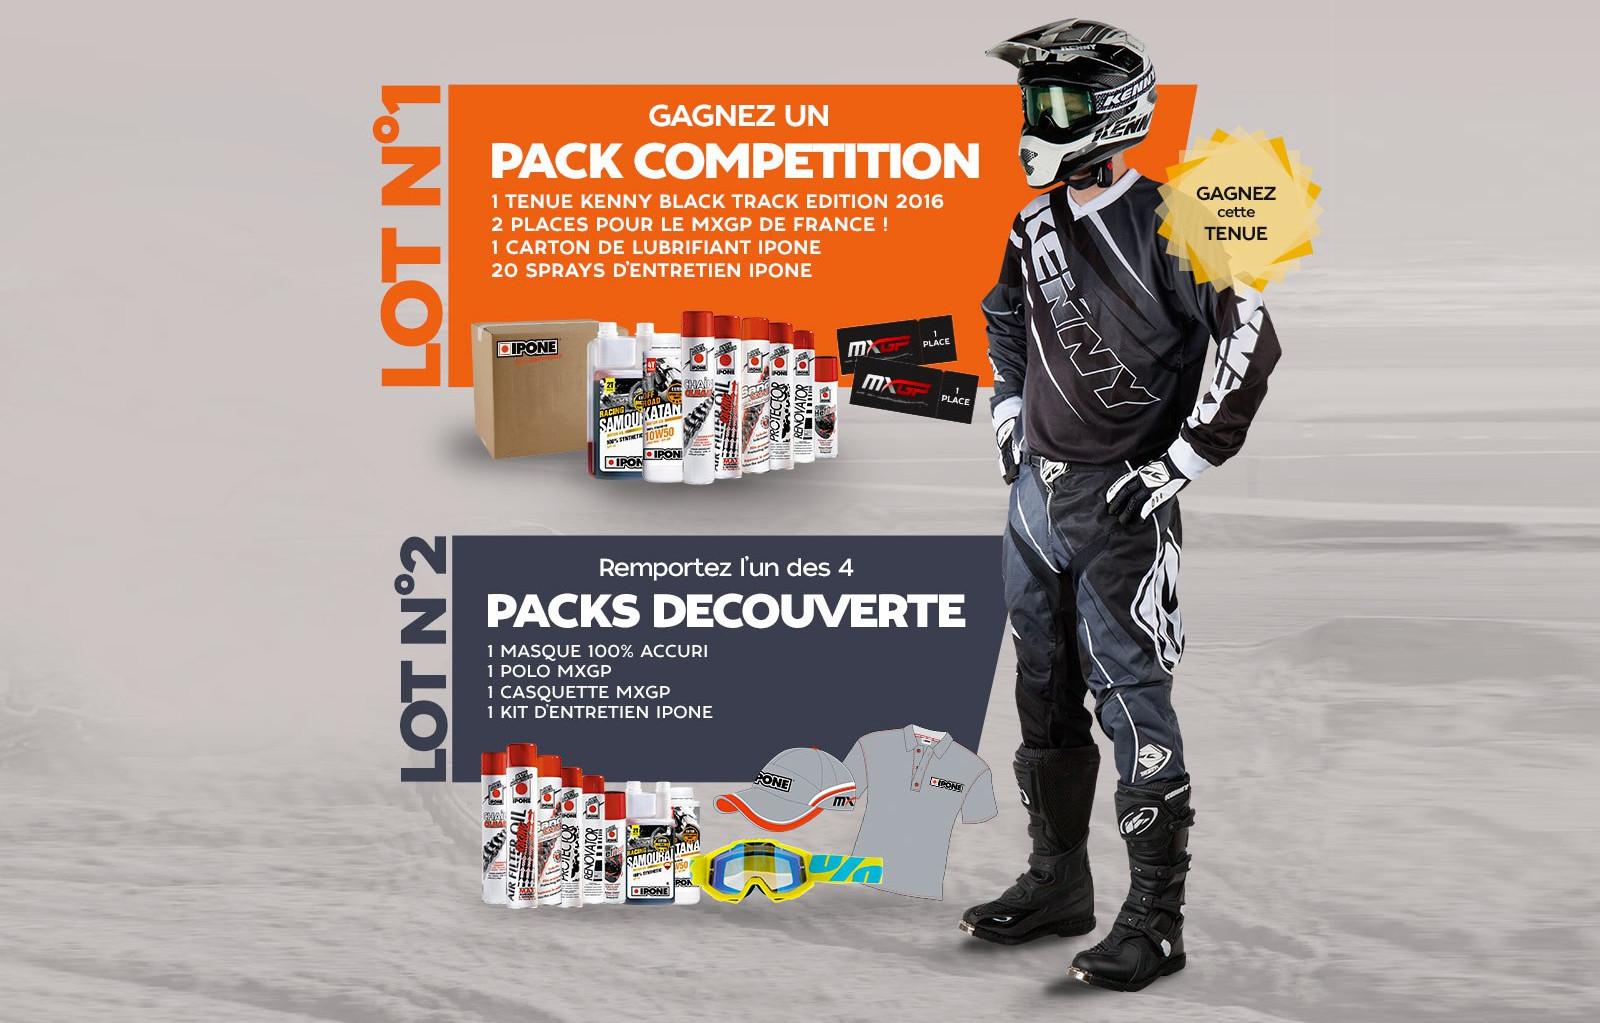 Grand jeu Enduropale 2016 Motoblouz/Ipone